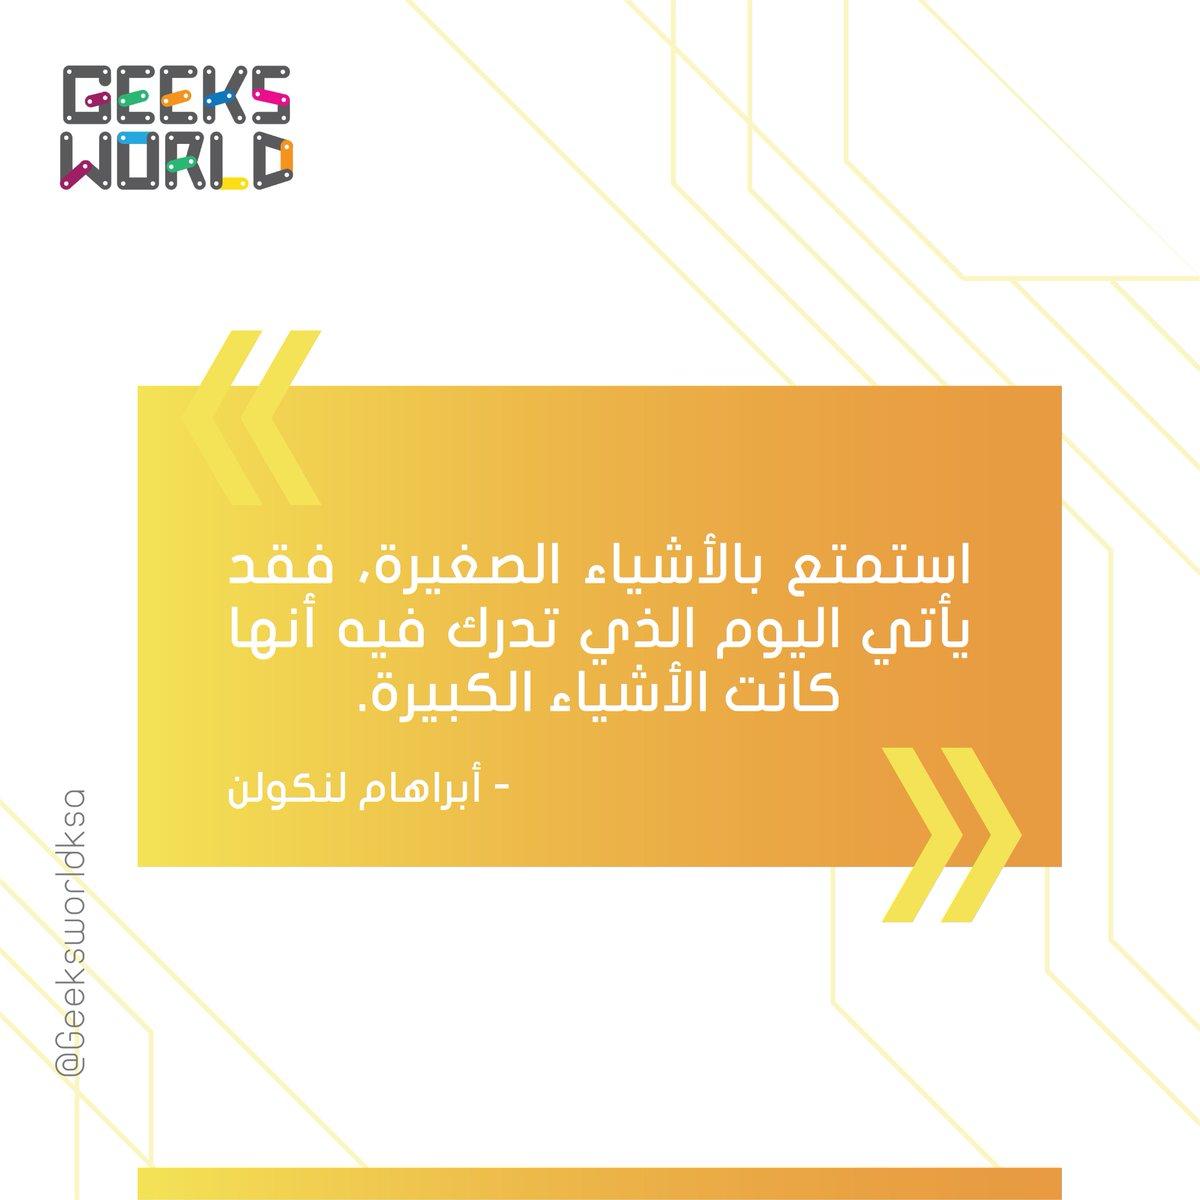 Geeks world (@Geeksworldksa) | Twitter